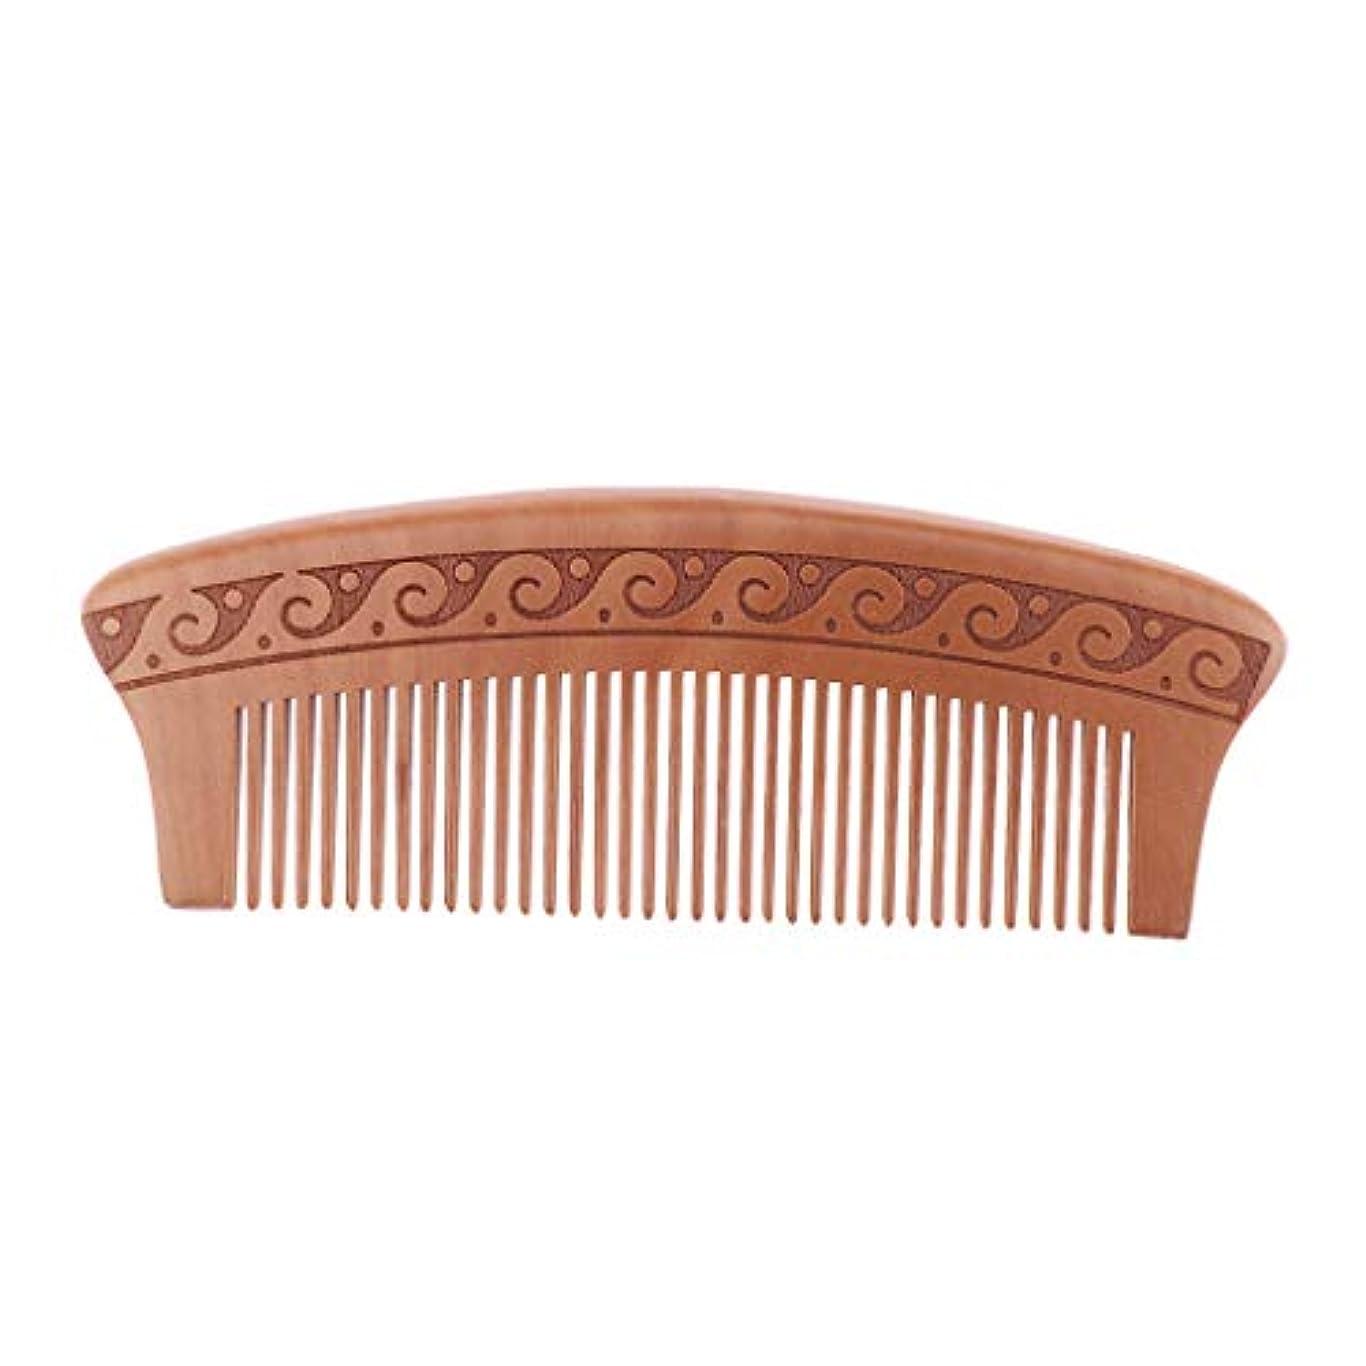 煙形状重量木製櫛 コーム 静電気防止 エコ プレゼント 5タイプ選べ - J16d